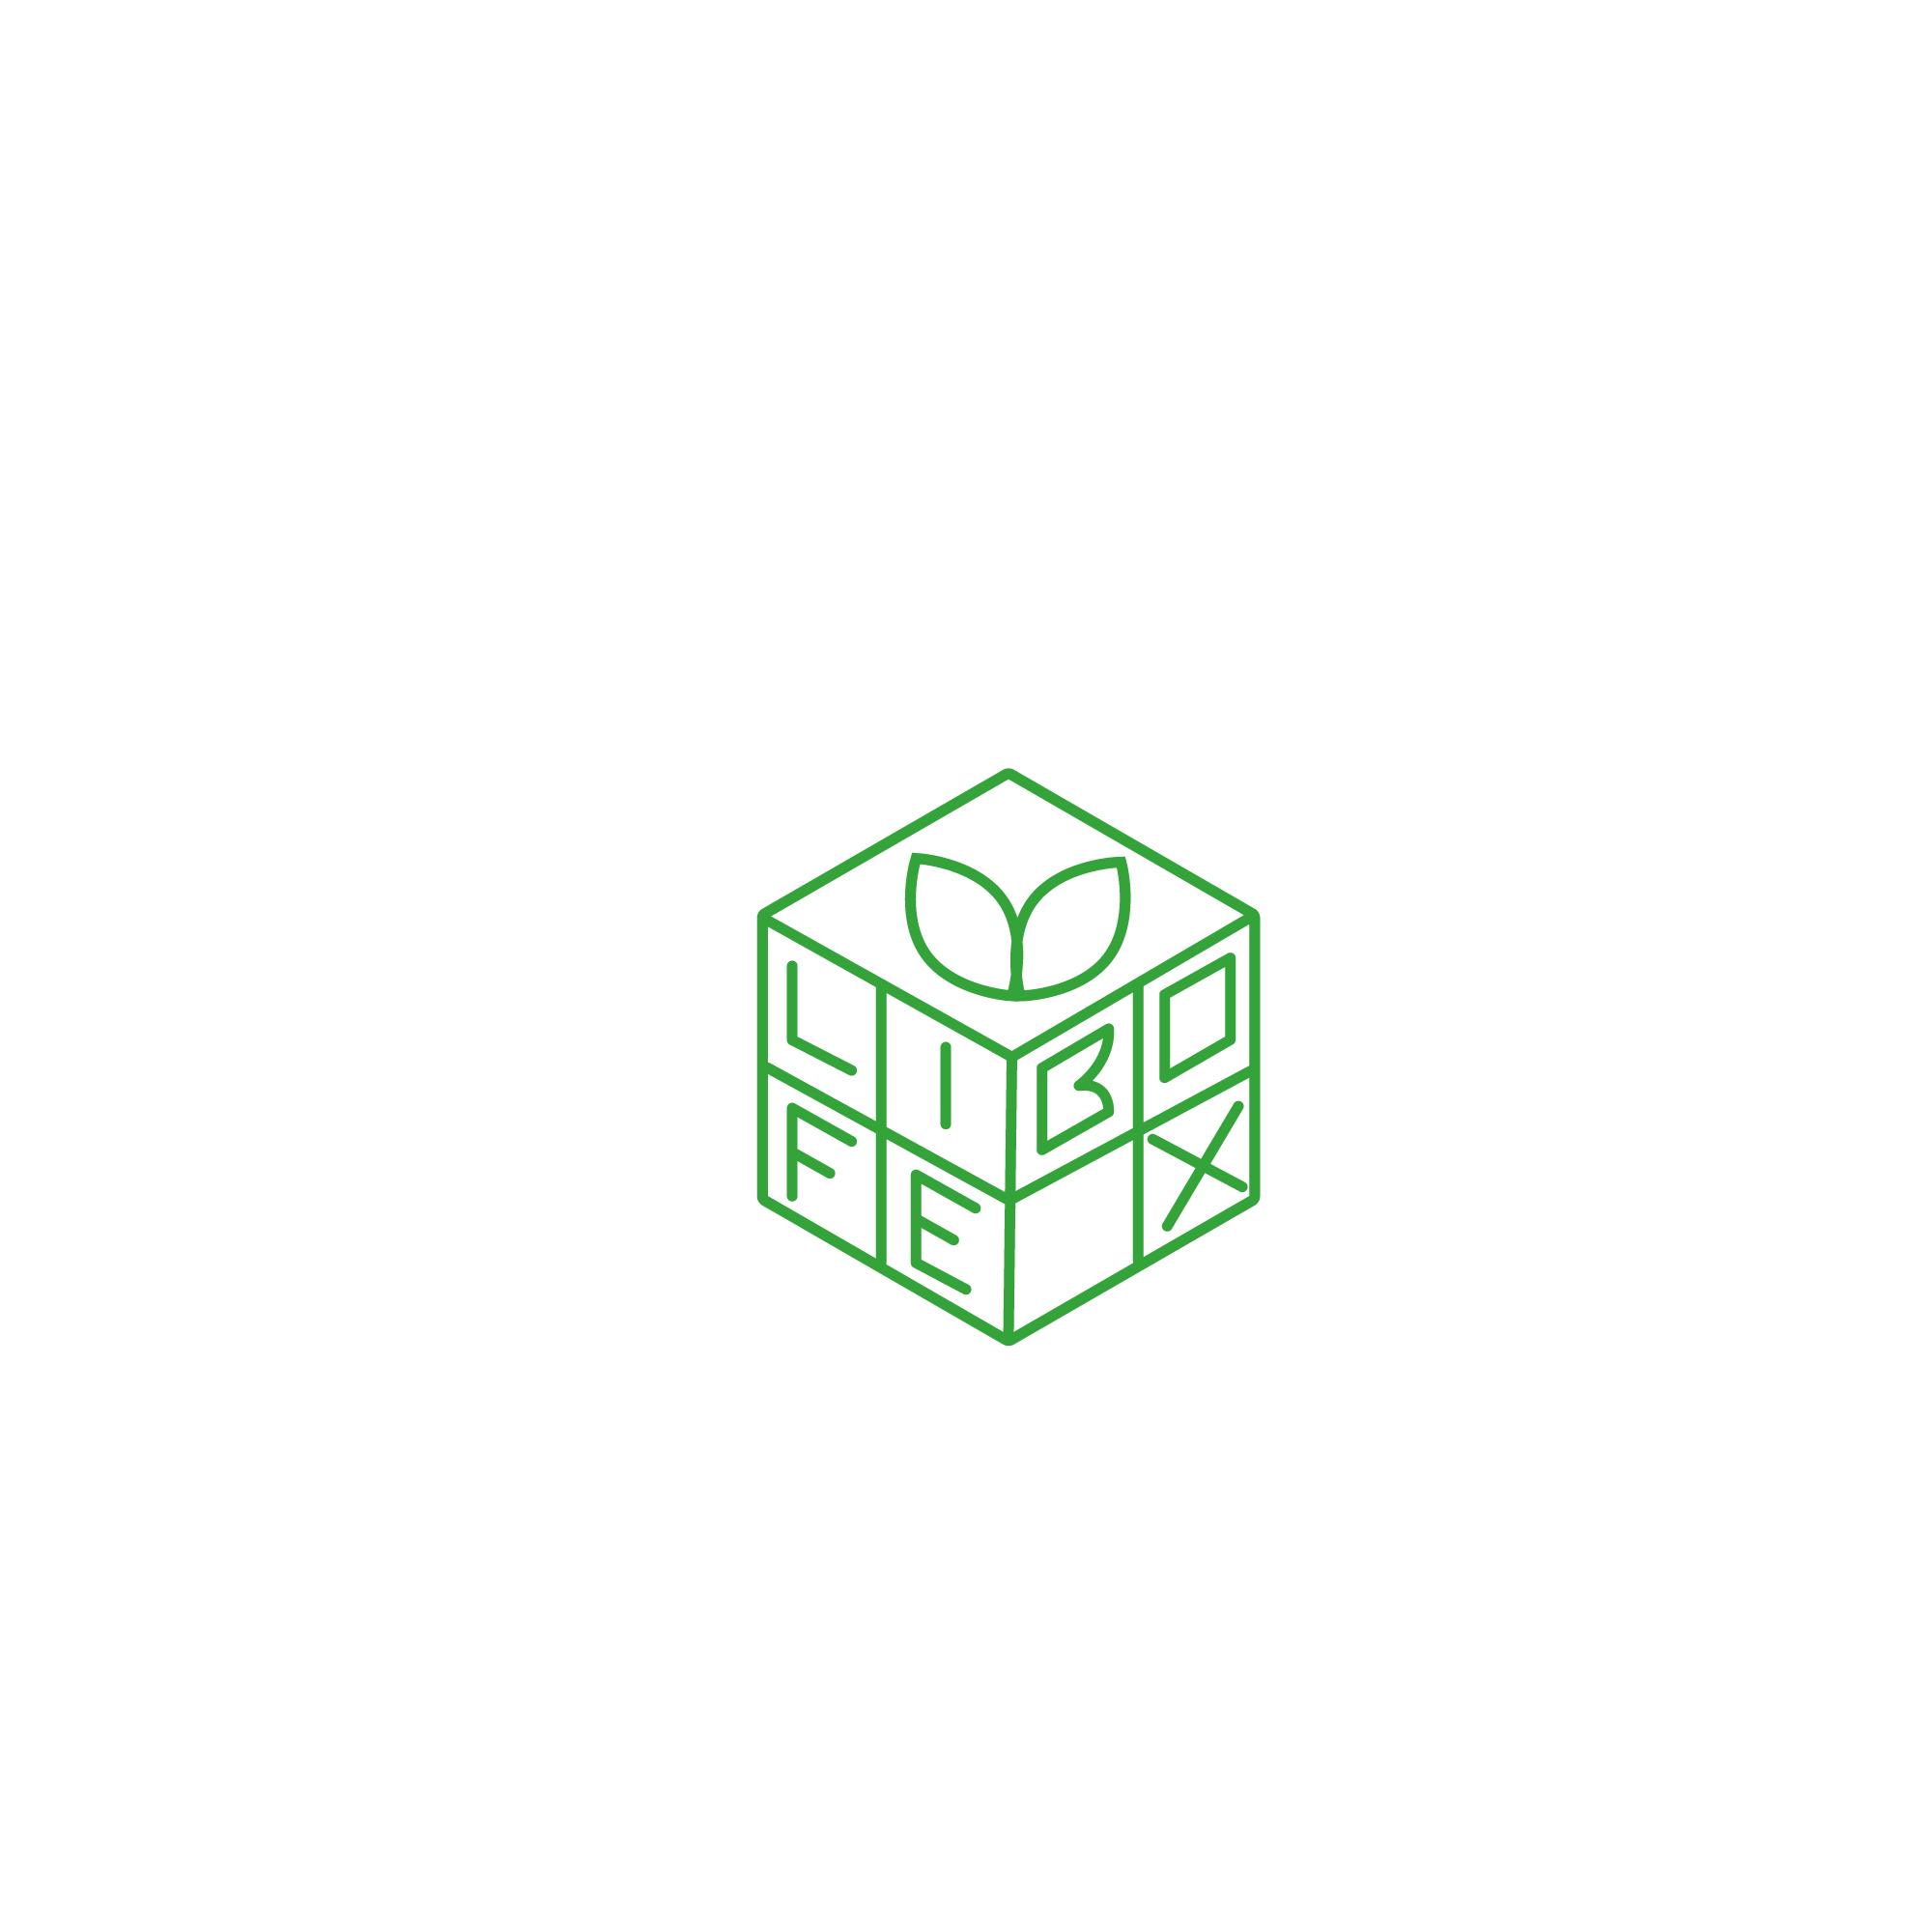 Разработка Логотипа. Победитель получит расширеный заказ  фото f_0845c2fb7fb4f816.jpg